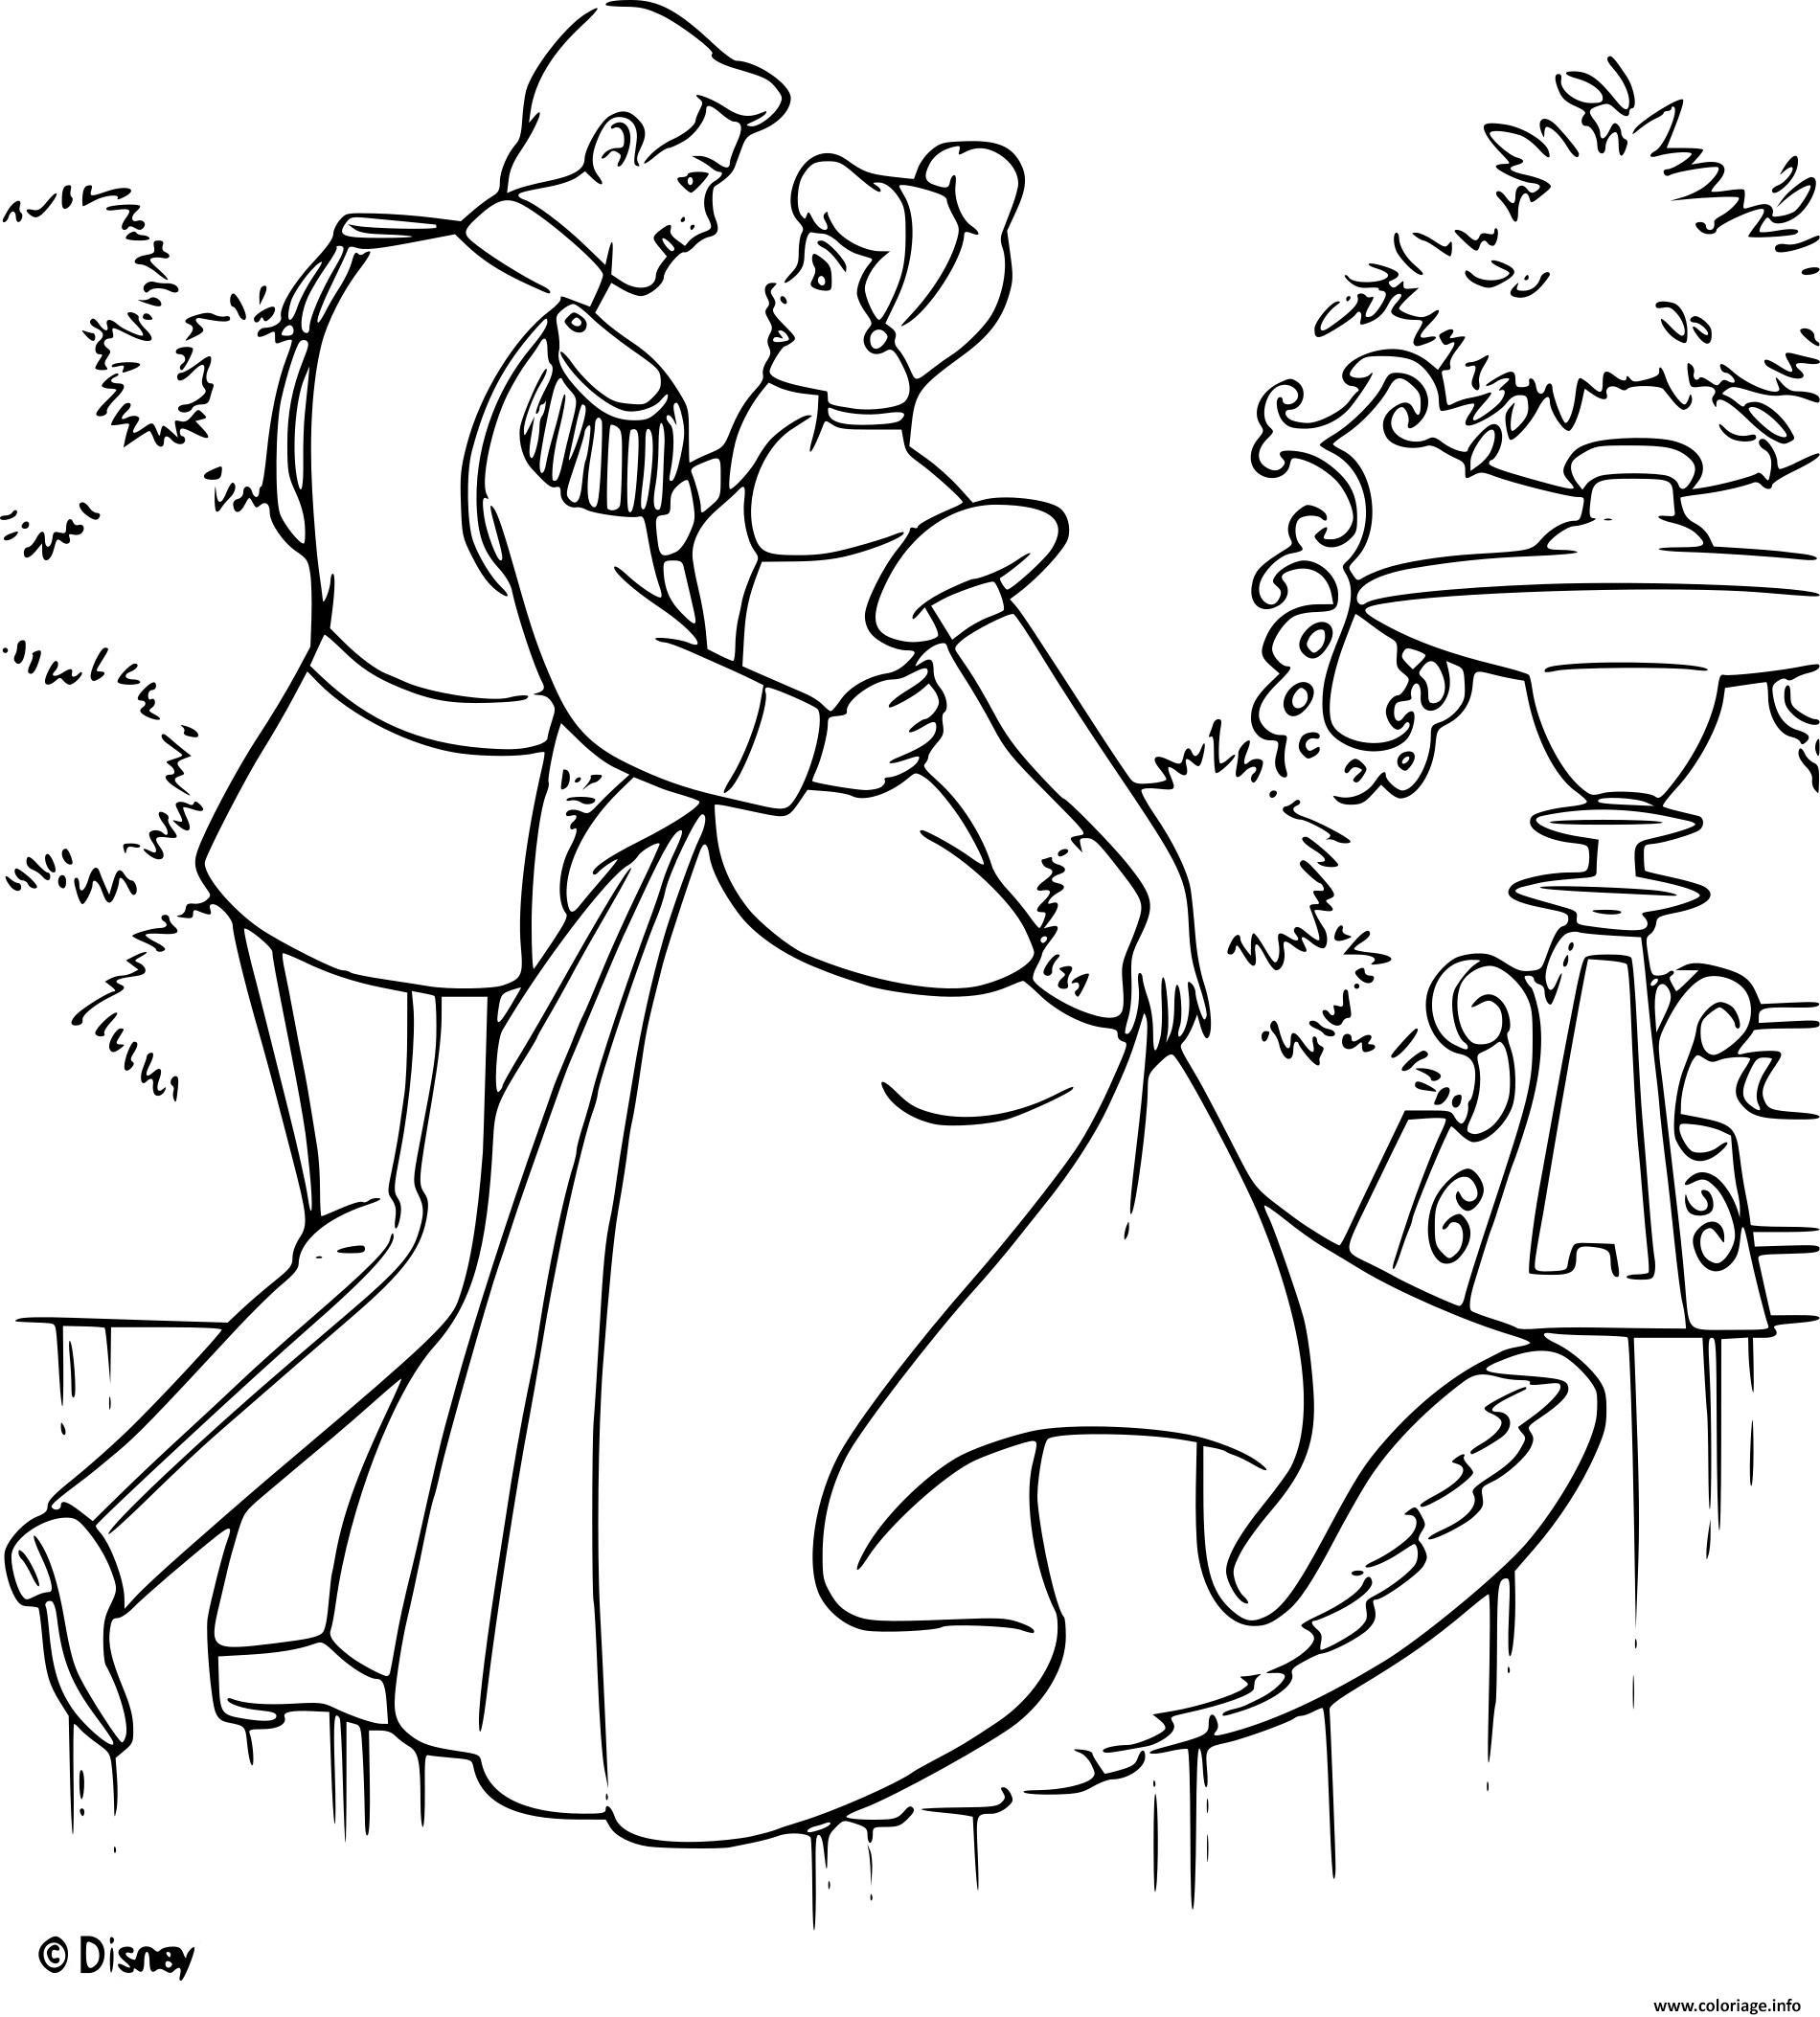 Dessin cendrillon 2 une vie de princesse disney Coloriage Gratuit à Imprimer